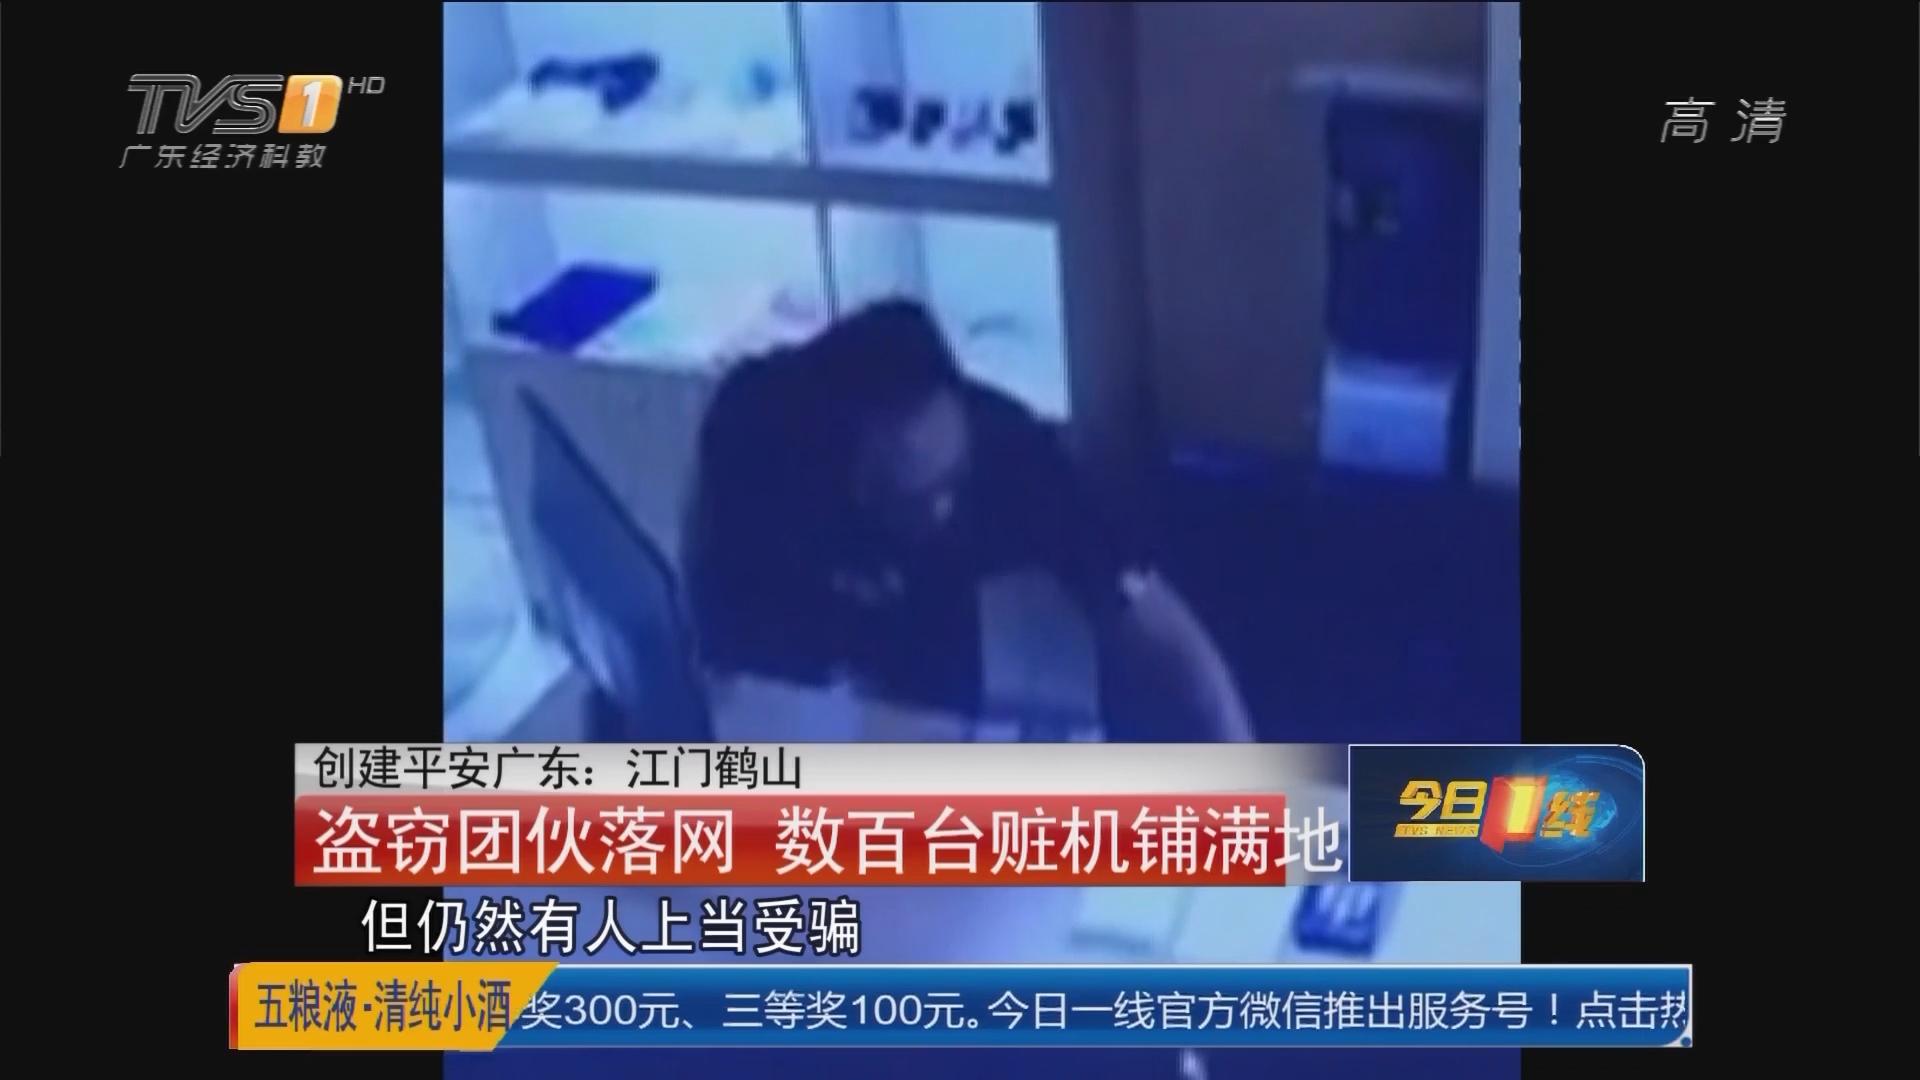 创建平安广东:江门鹤山 盗窃团伙落网 数百台脏机铺满地